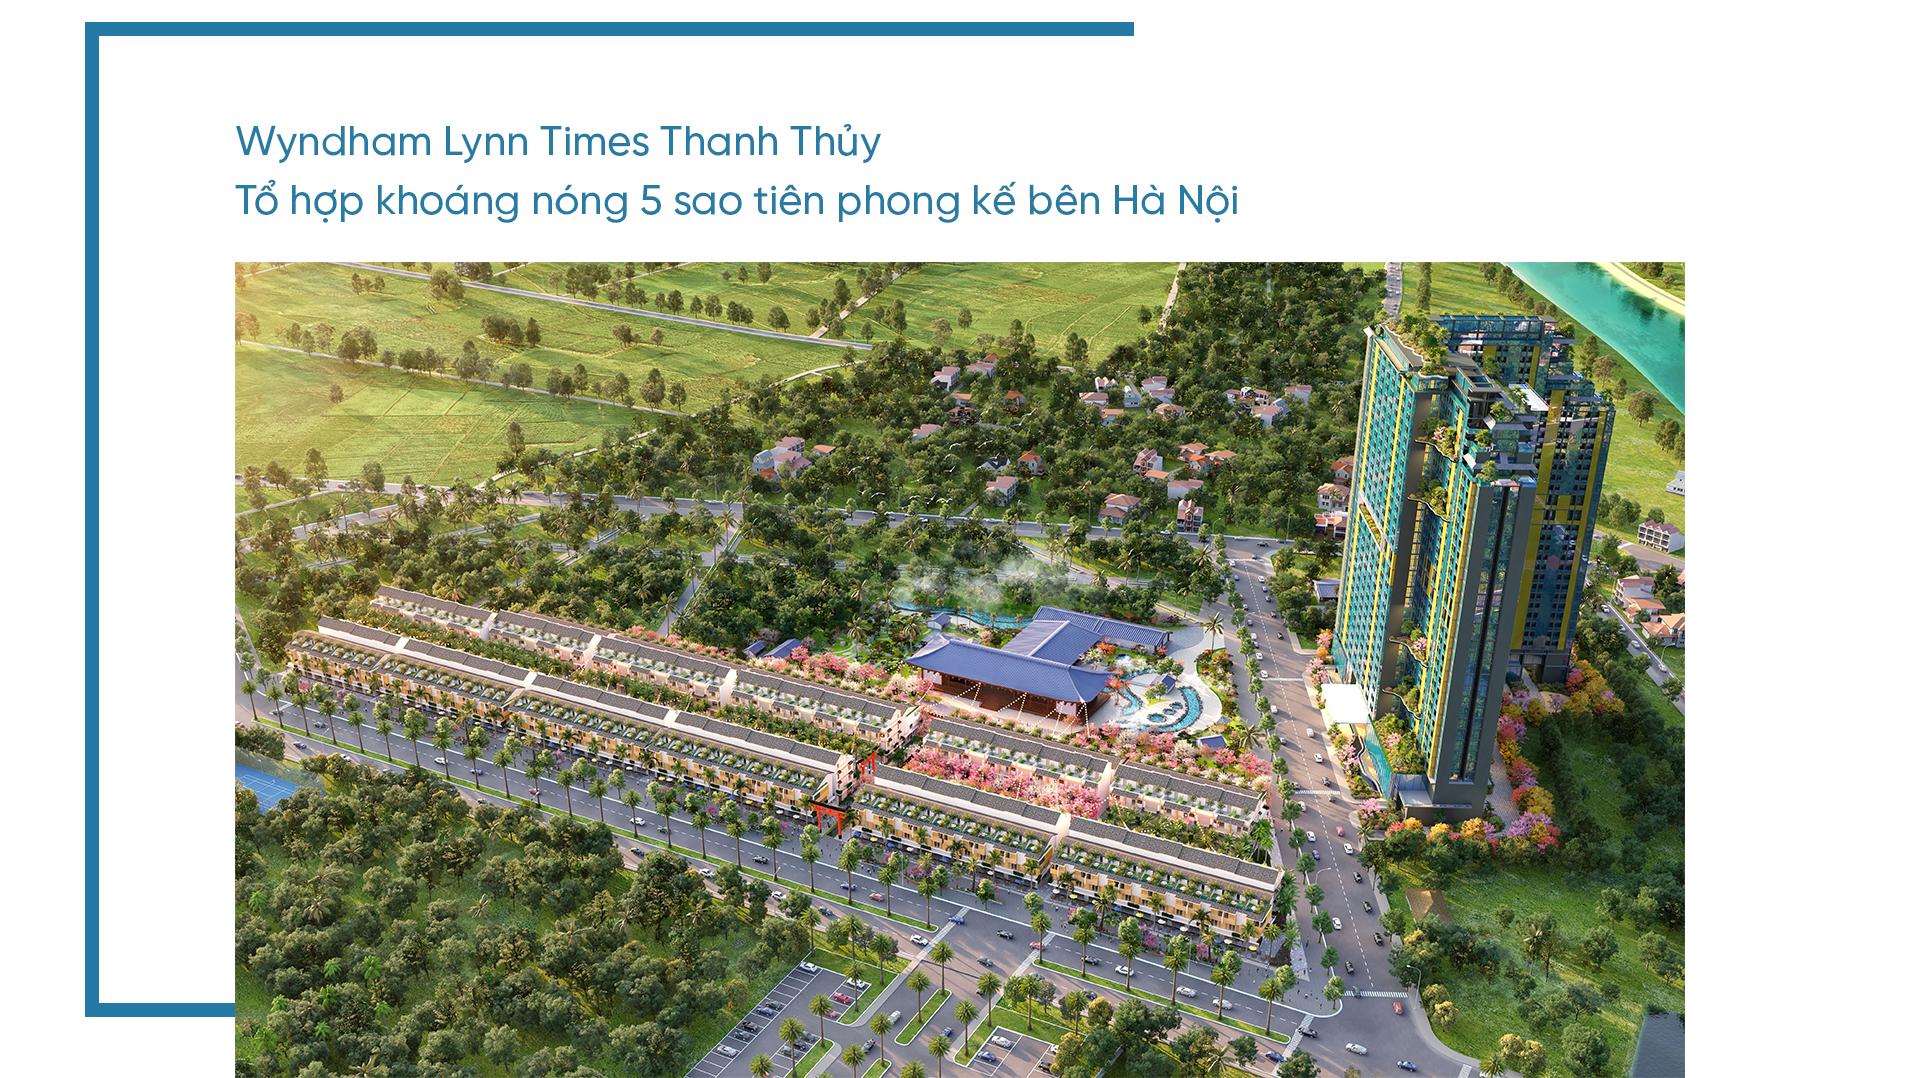 Ra mắt công viên khoáng nóng Onsen Fuji 2ha kế bên Hà Nội - 7